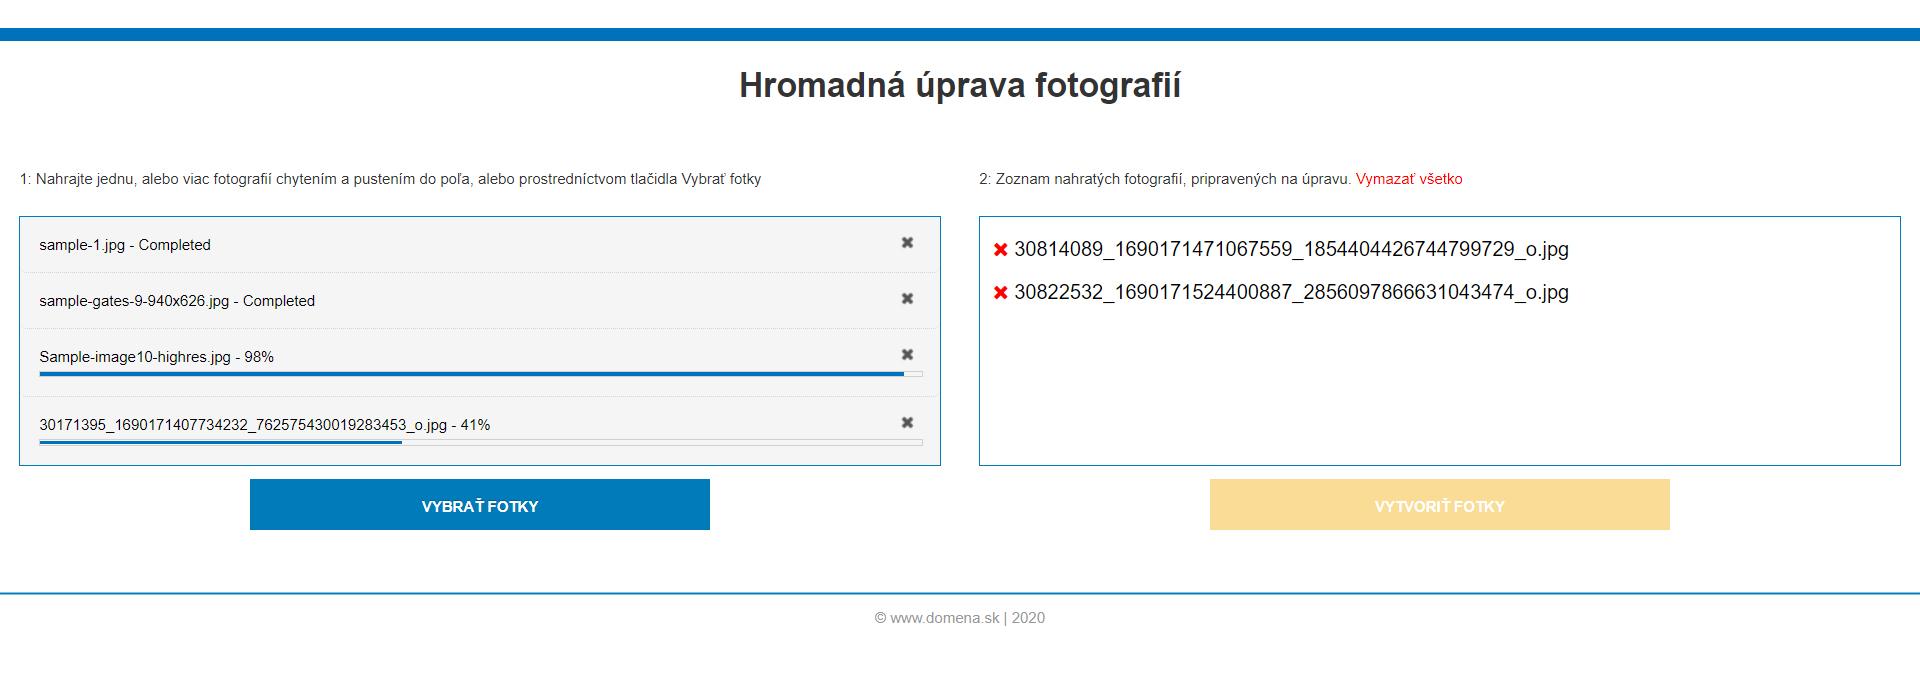 Webová služba pre hromadnú úpravu fotografií